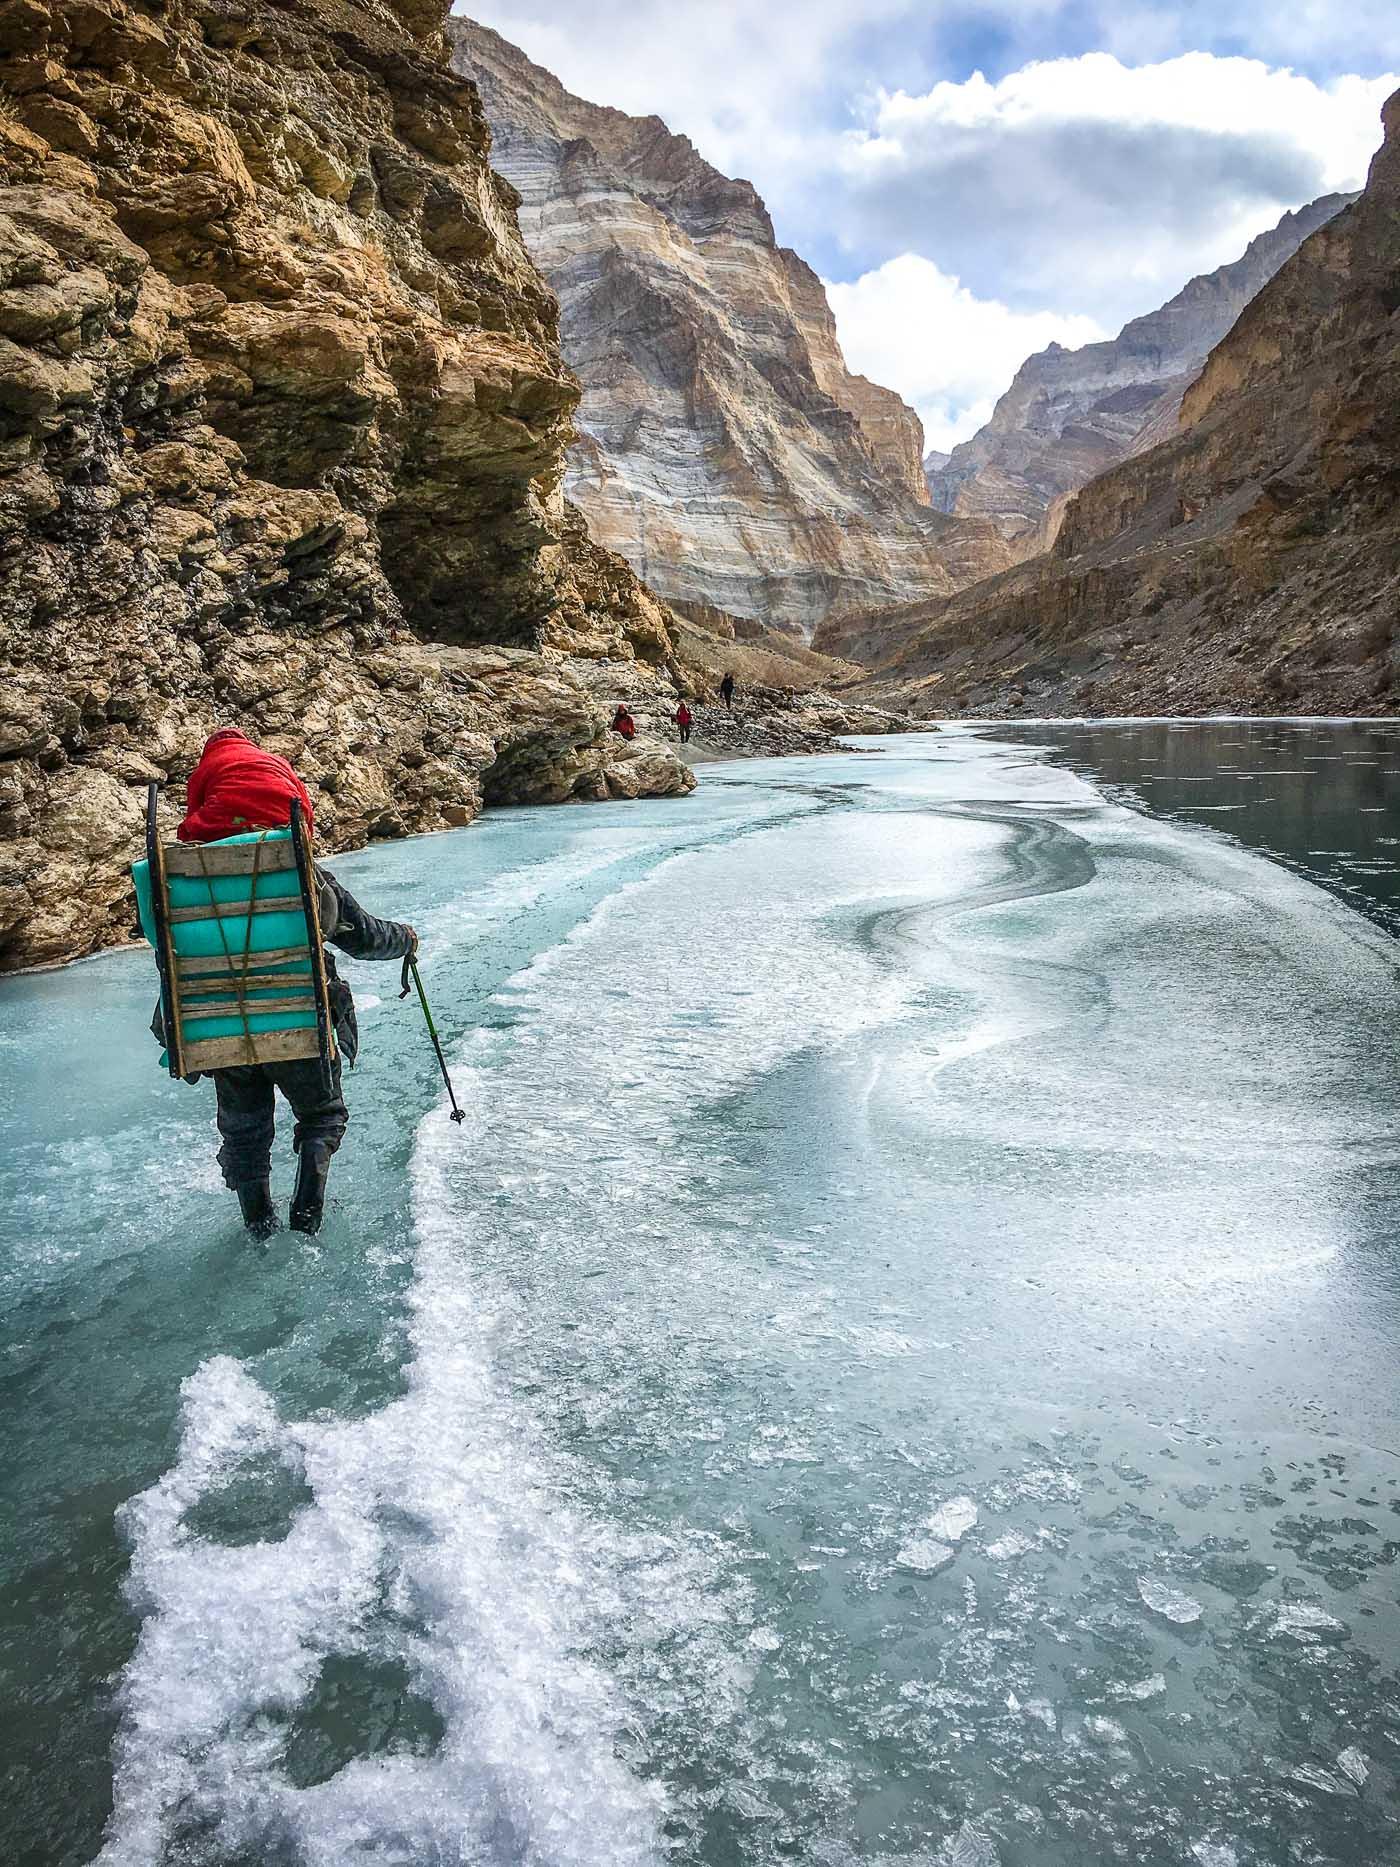 Chadar_Trek_Frozen_River_Leh_Kashmir_India_TheSassyPilgrim_Travel_Blog_Blogger_Solo_Traveller_Traveller_Photos_Indian_Female